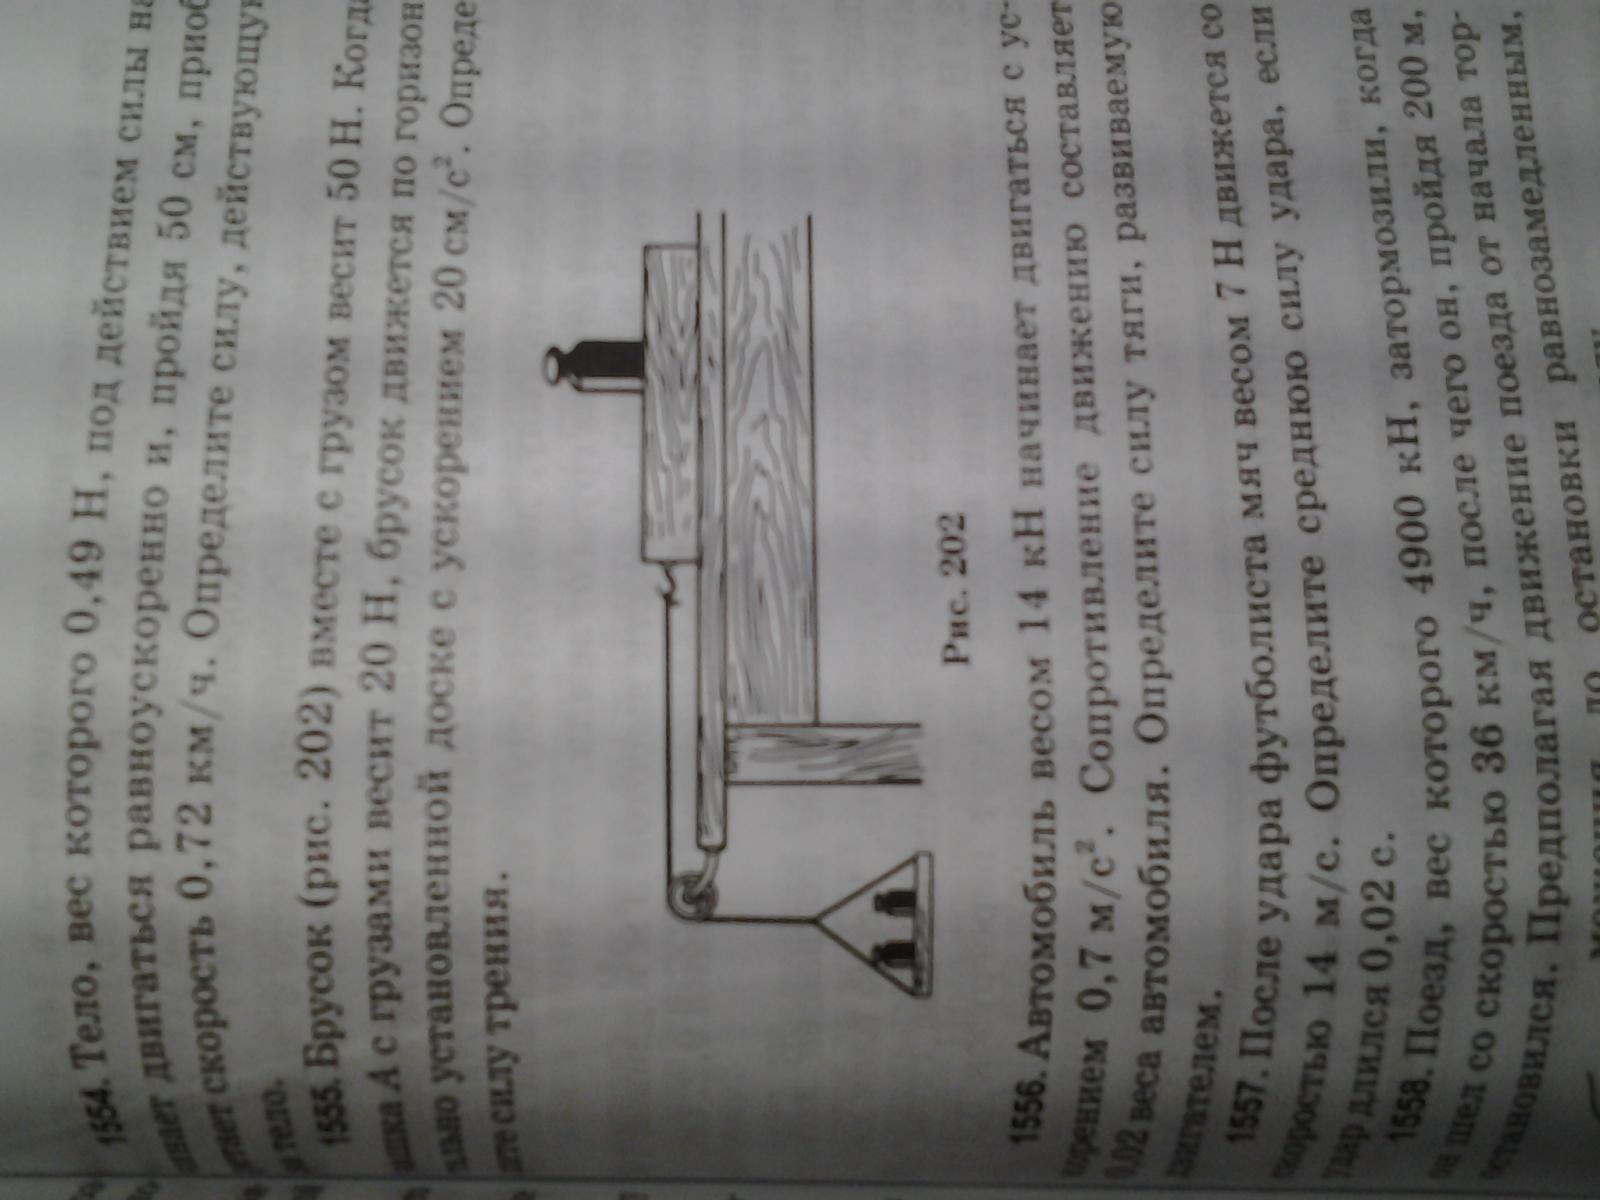 Брусок вместе с грузом весит 50 ньютонов когда чашка с грузом весит 20 Ньютонов брусок движется по горизонтально установленой доске с ускорением 20см / с2 Определите силу трения?